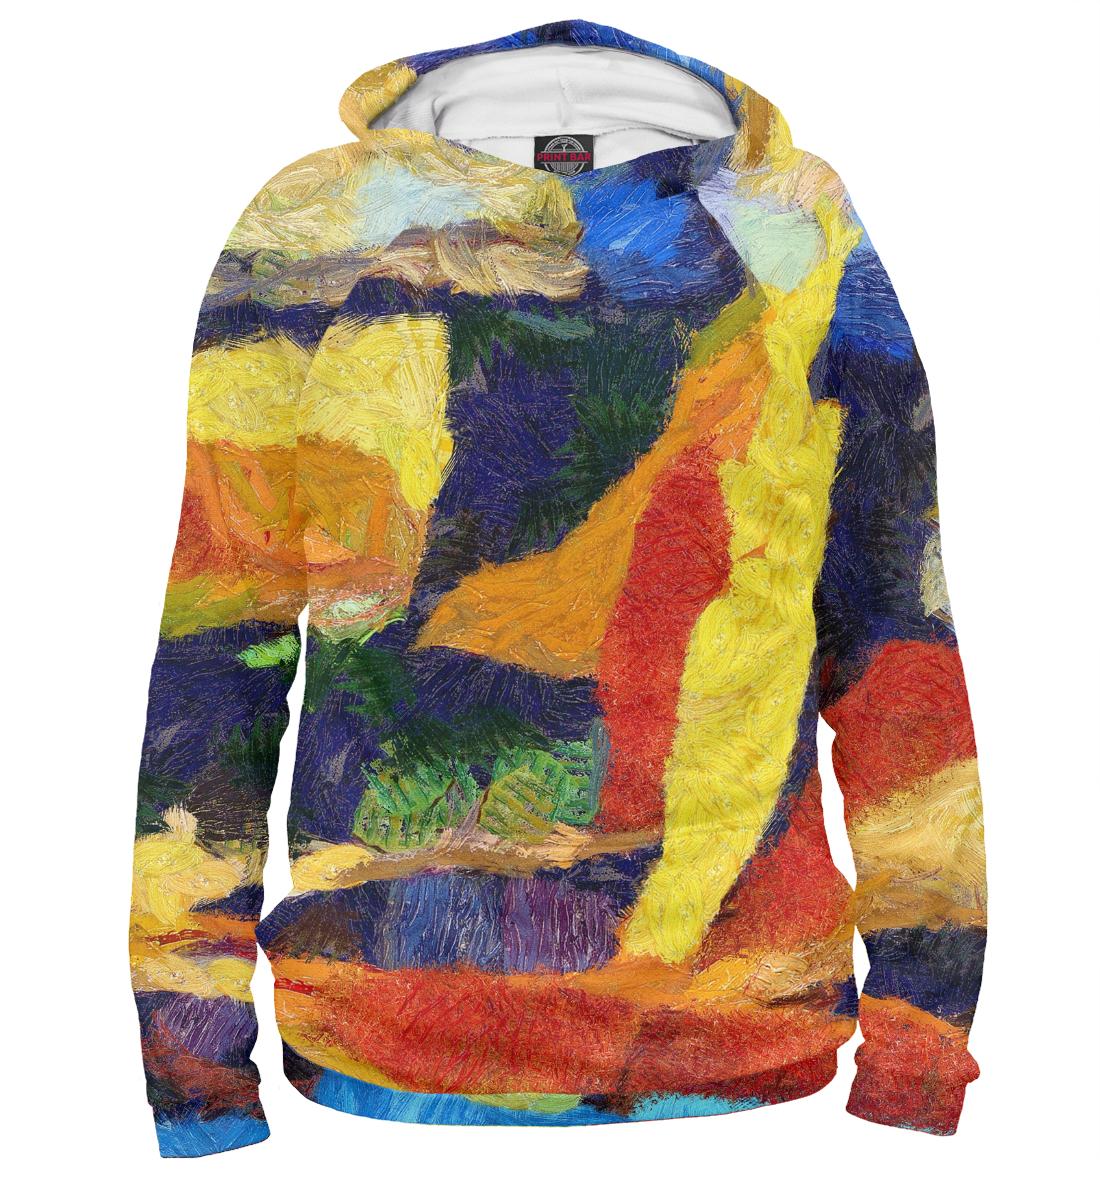 Купить Цветные краски, Printbar, Худи, GHI-780295-hud-1